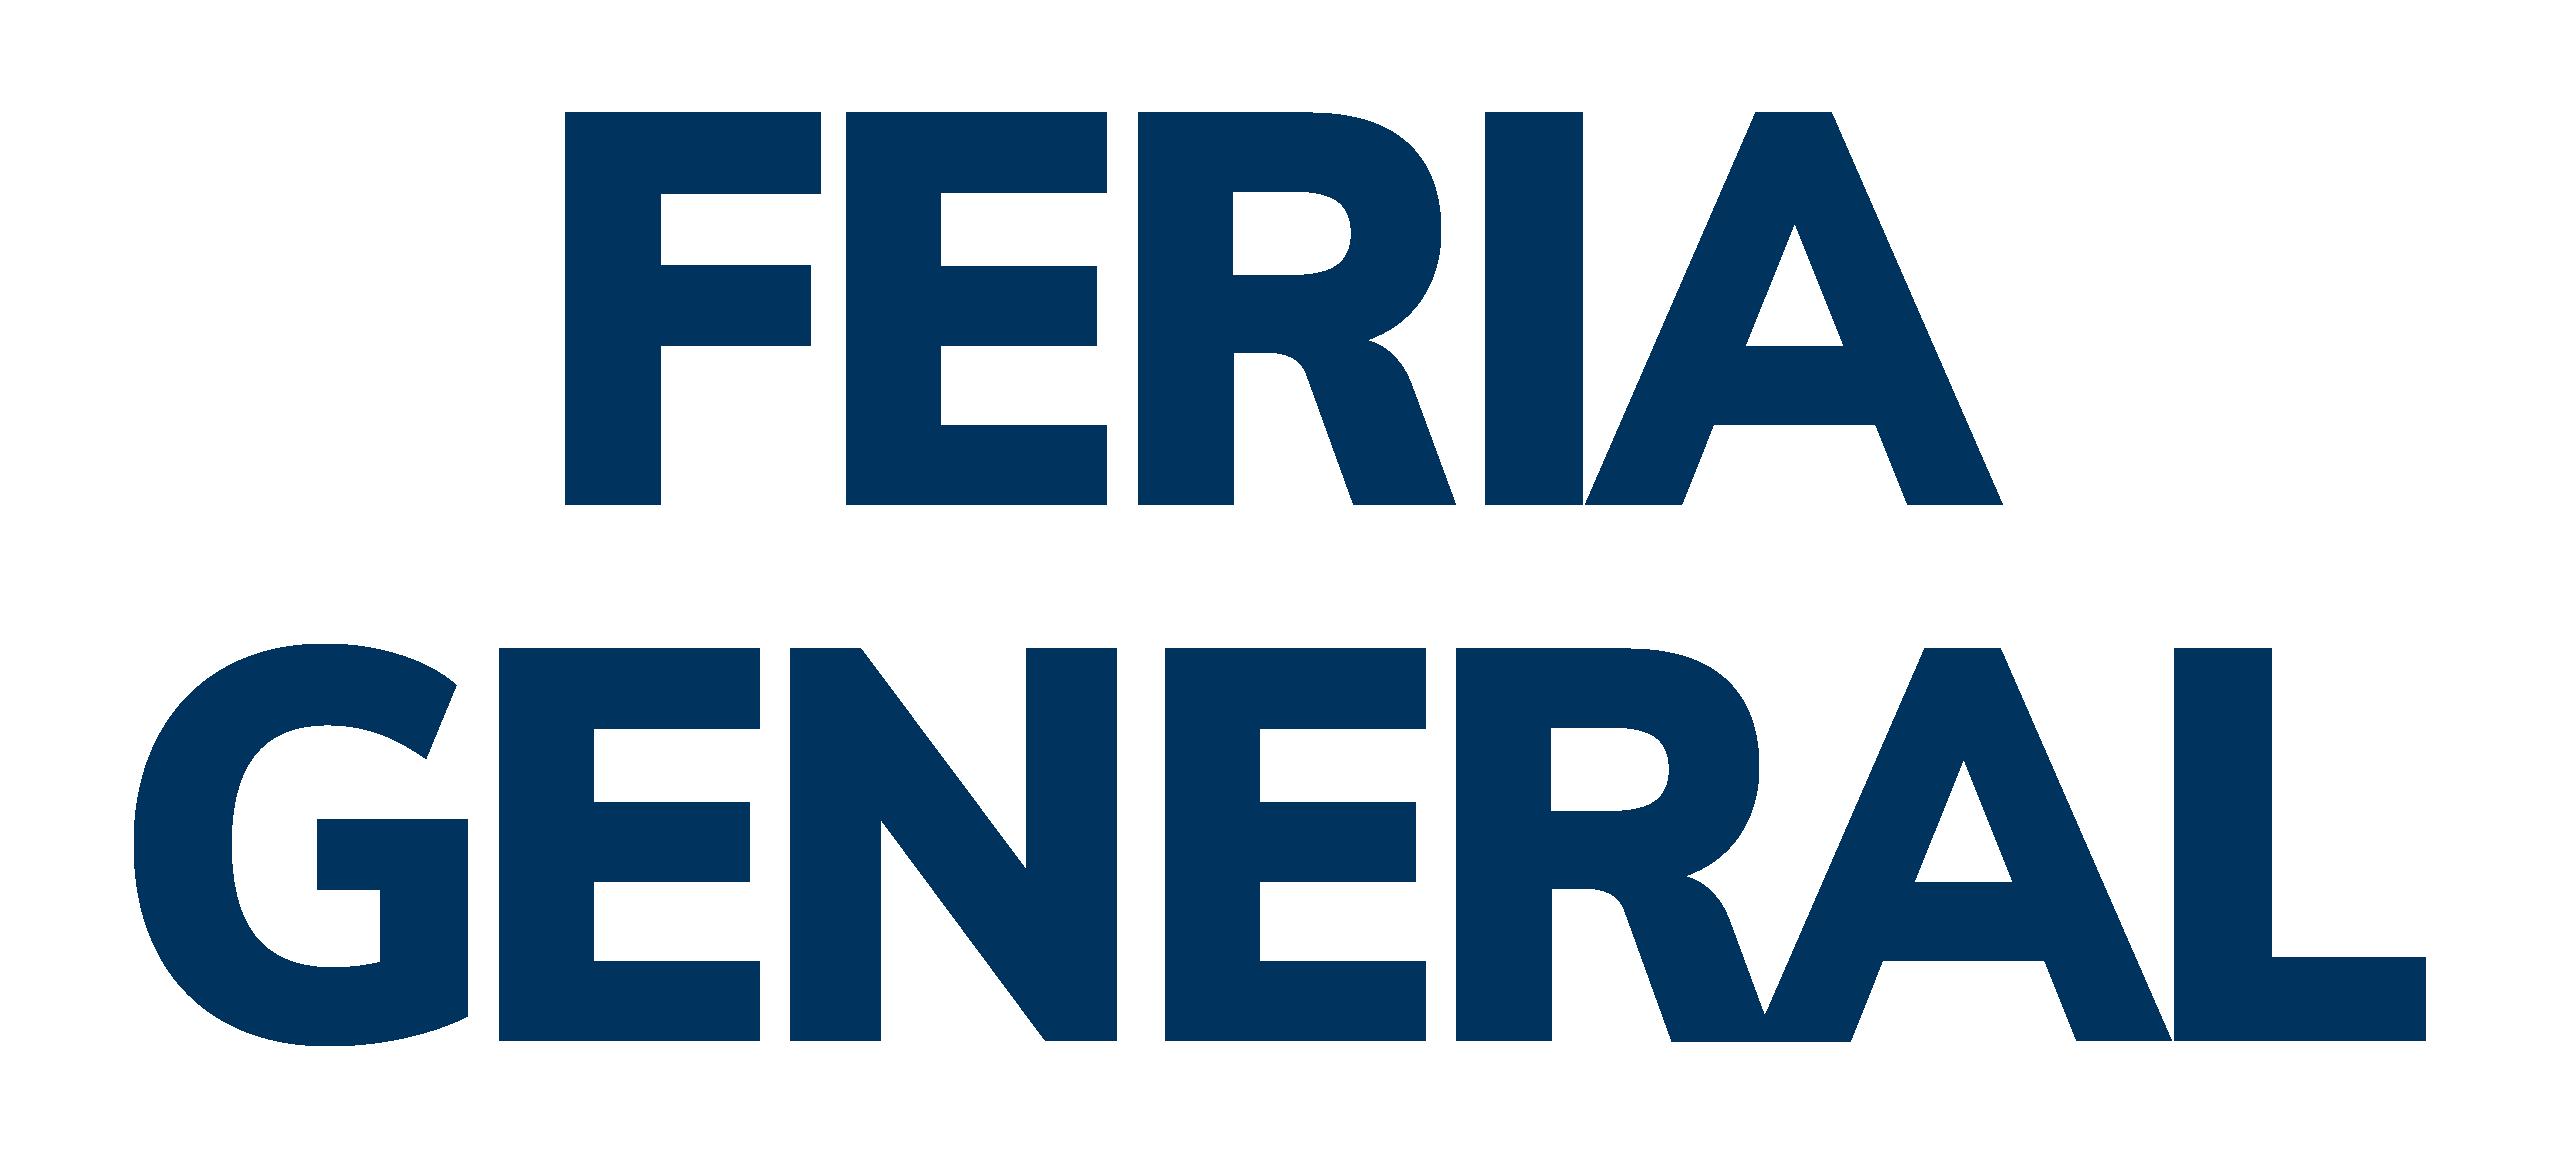 西班牙莎拉哥莎综合贸易展览会logo